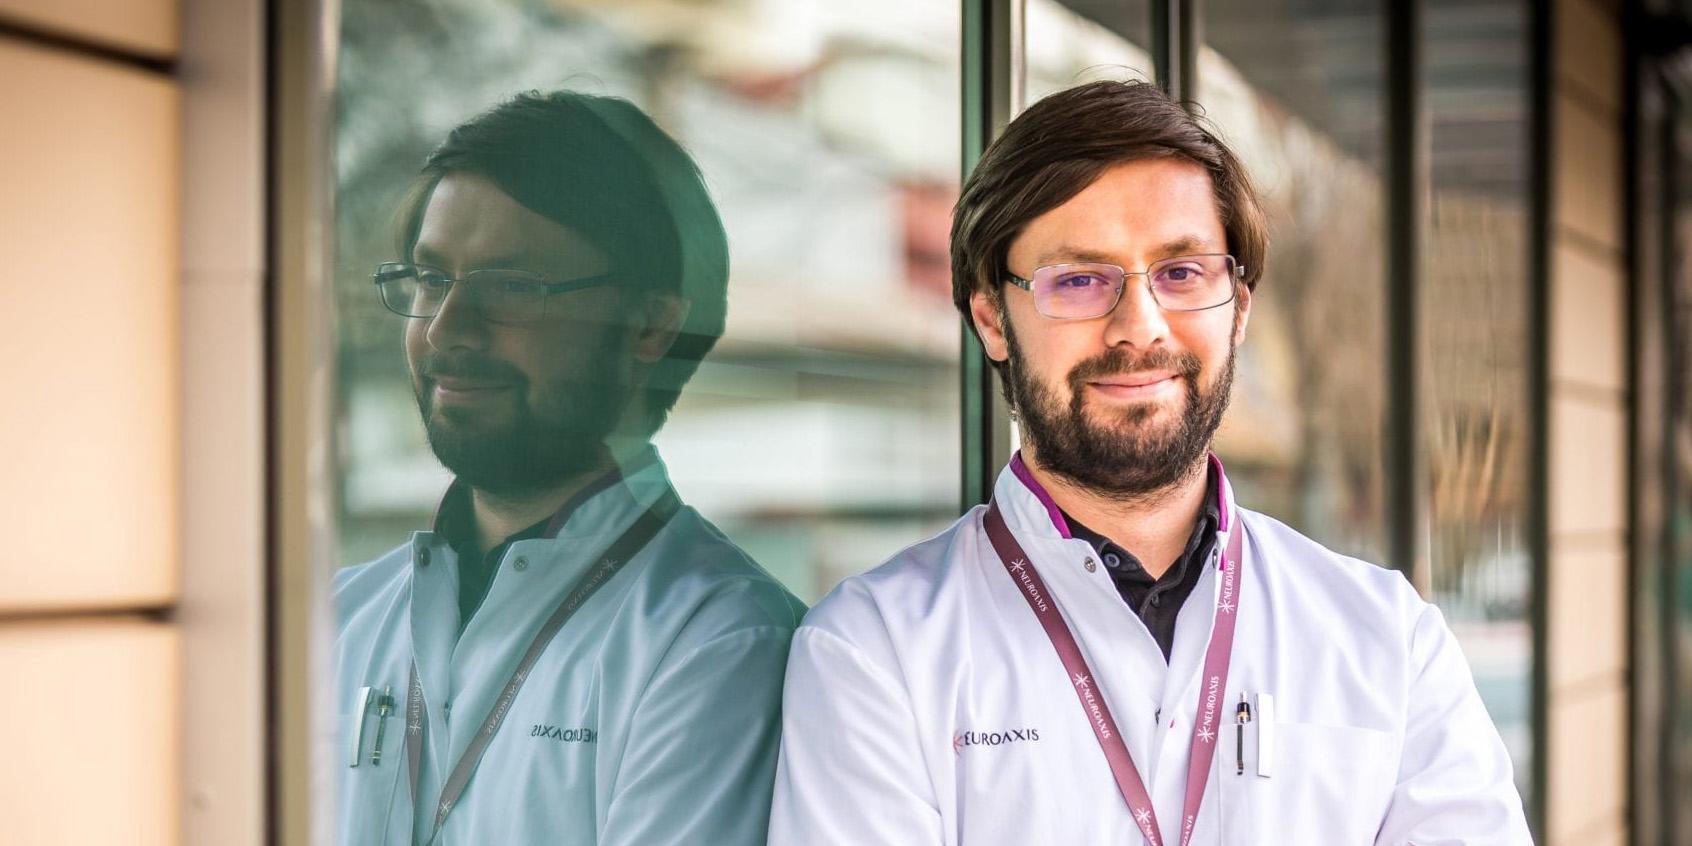 Testimonial | Dr. Dan Mitrea - Clinica Neuroaxis, despre Medicai